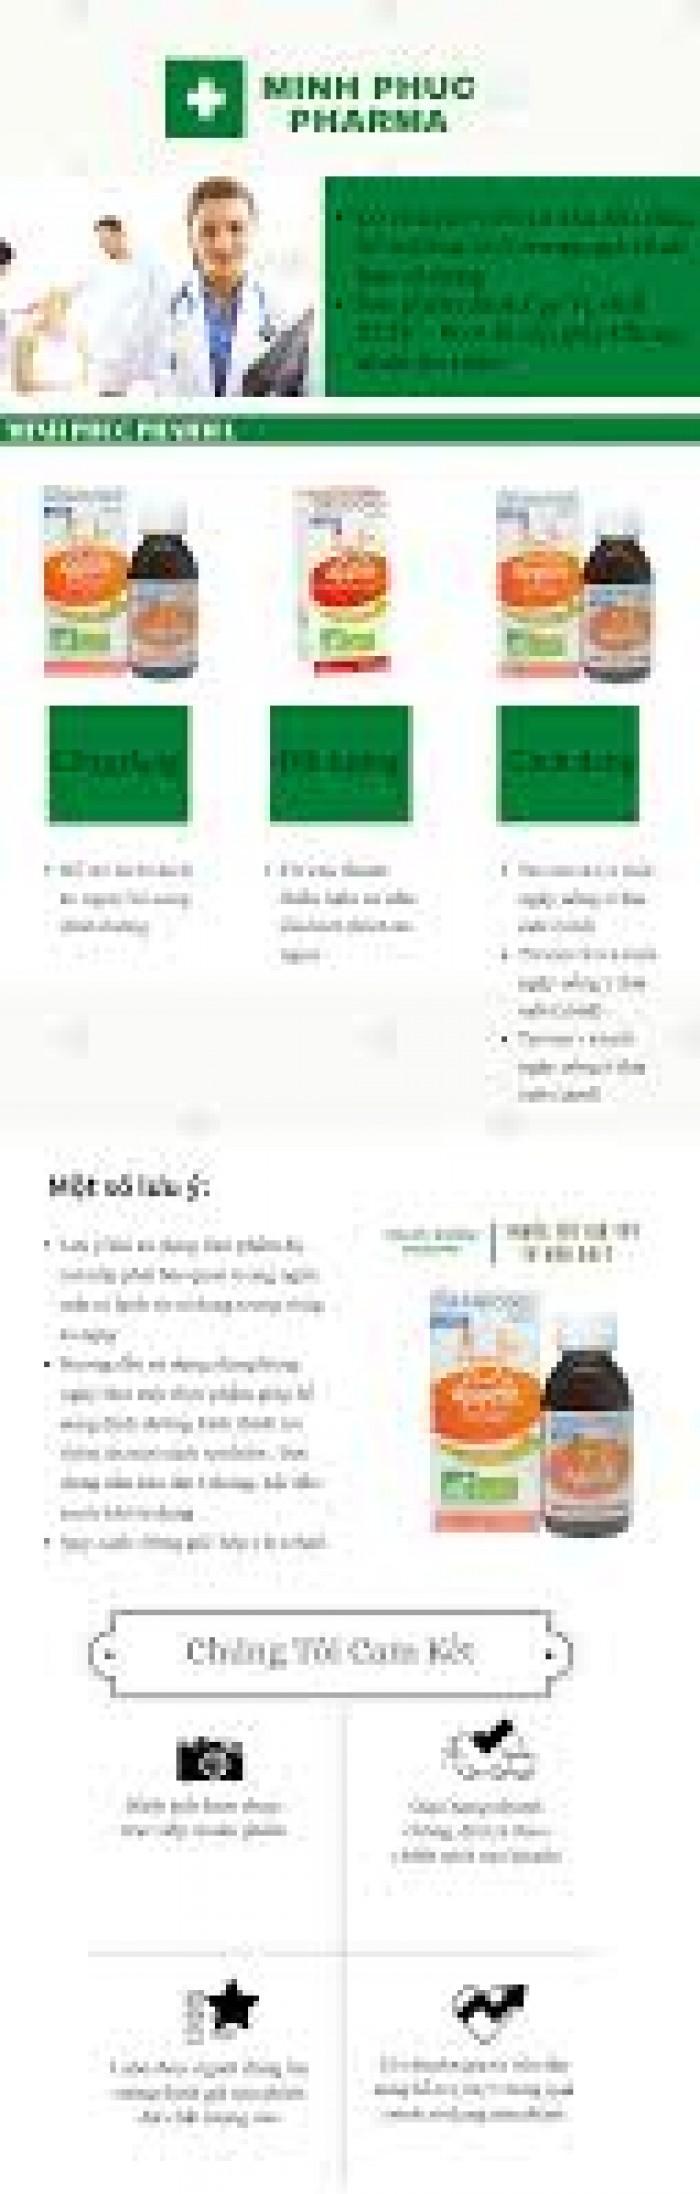 Siro ăn ngon hữu cơ Granions2